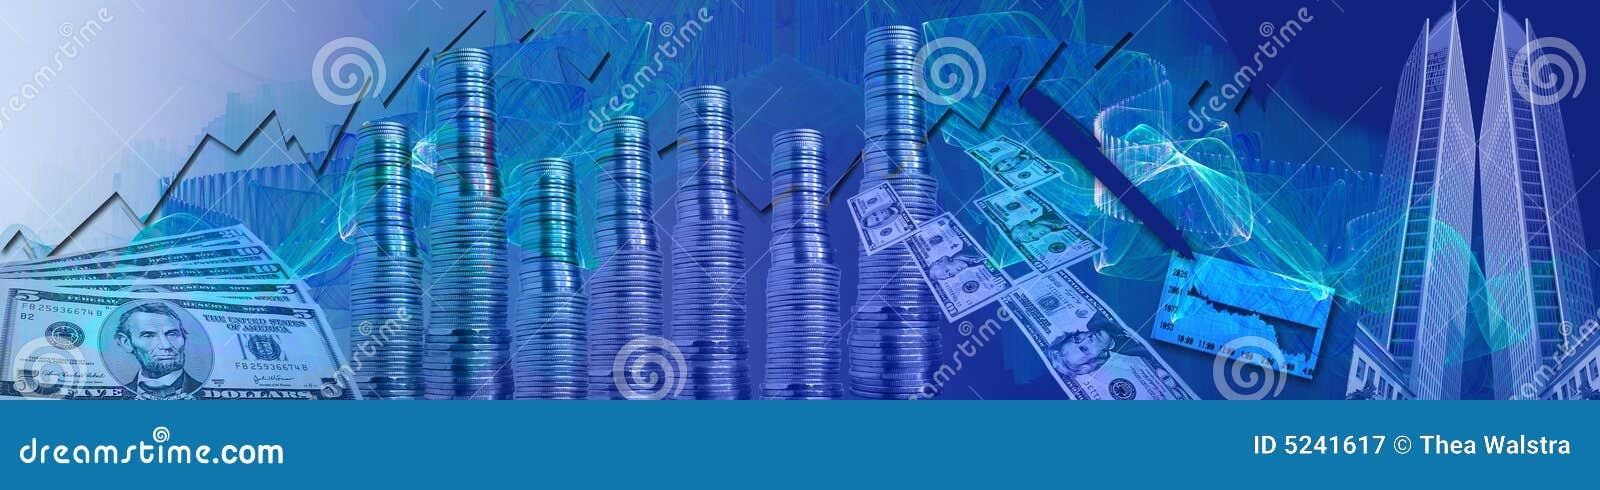 header  stock market royalty free stock photography